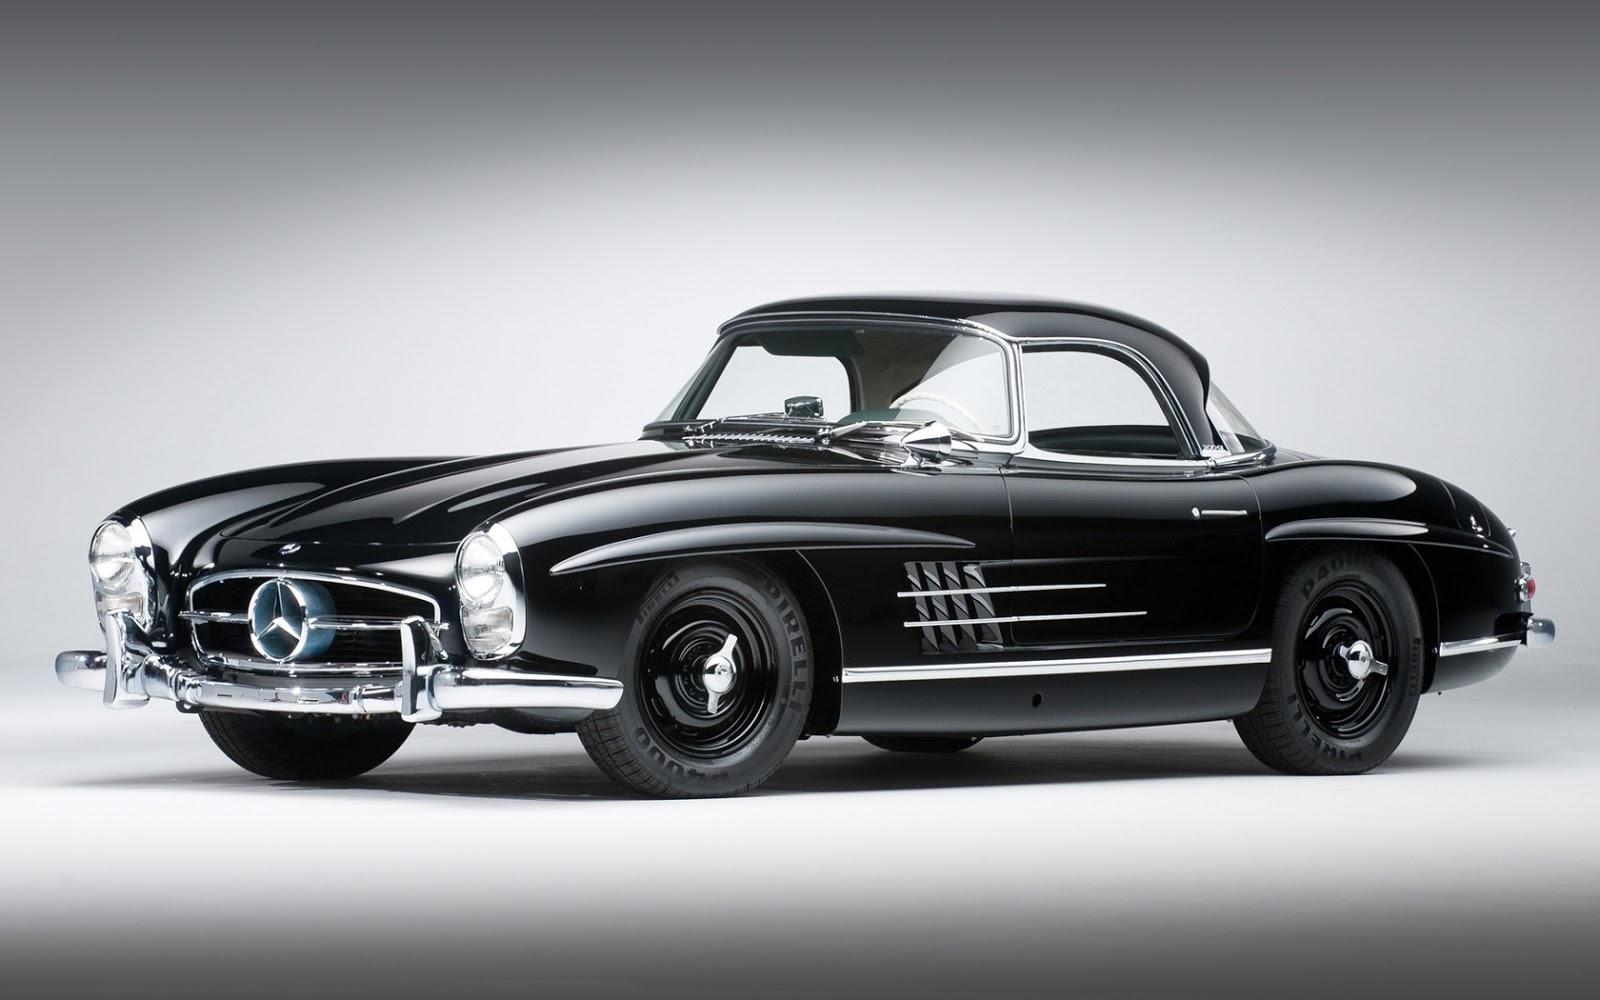 Mercedes Benz Car Wallpapers